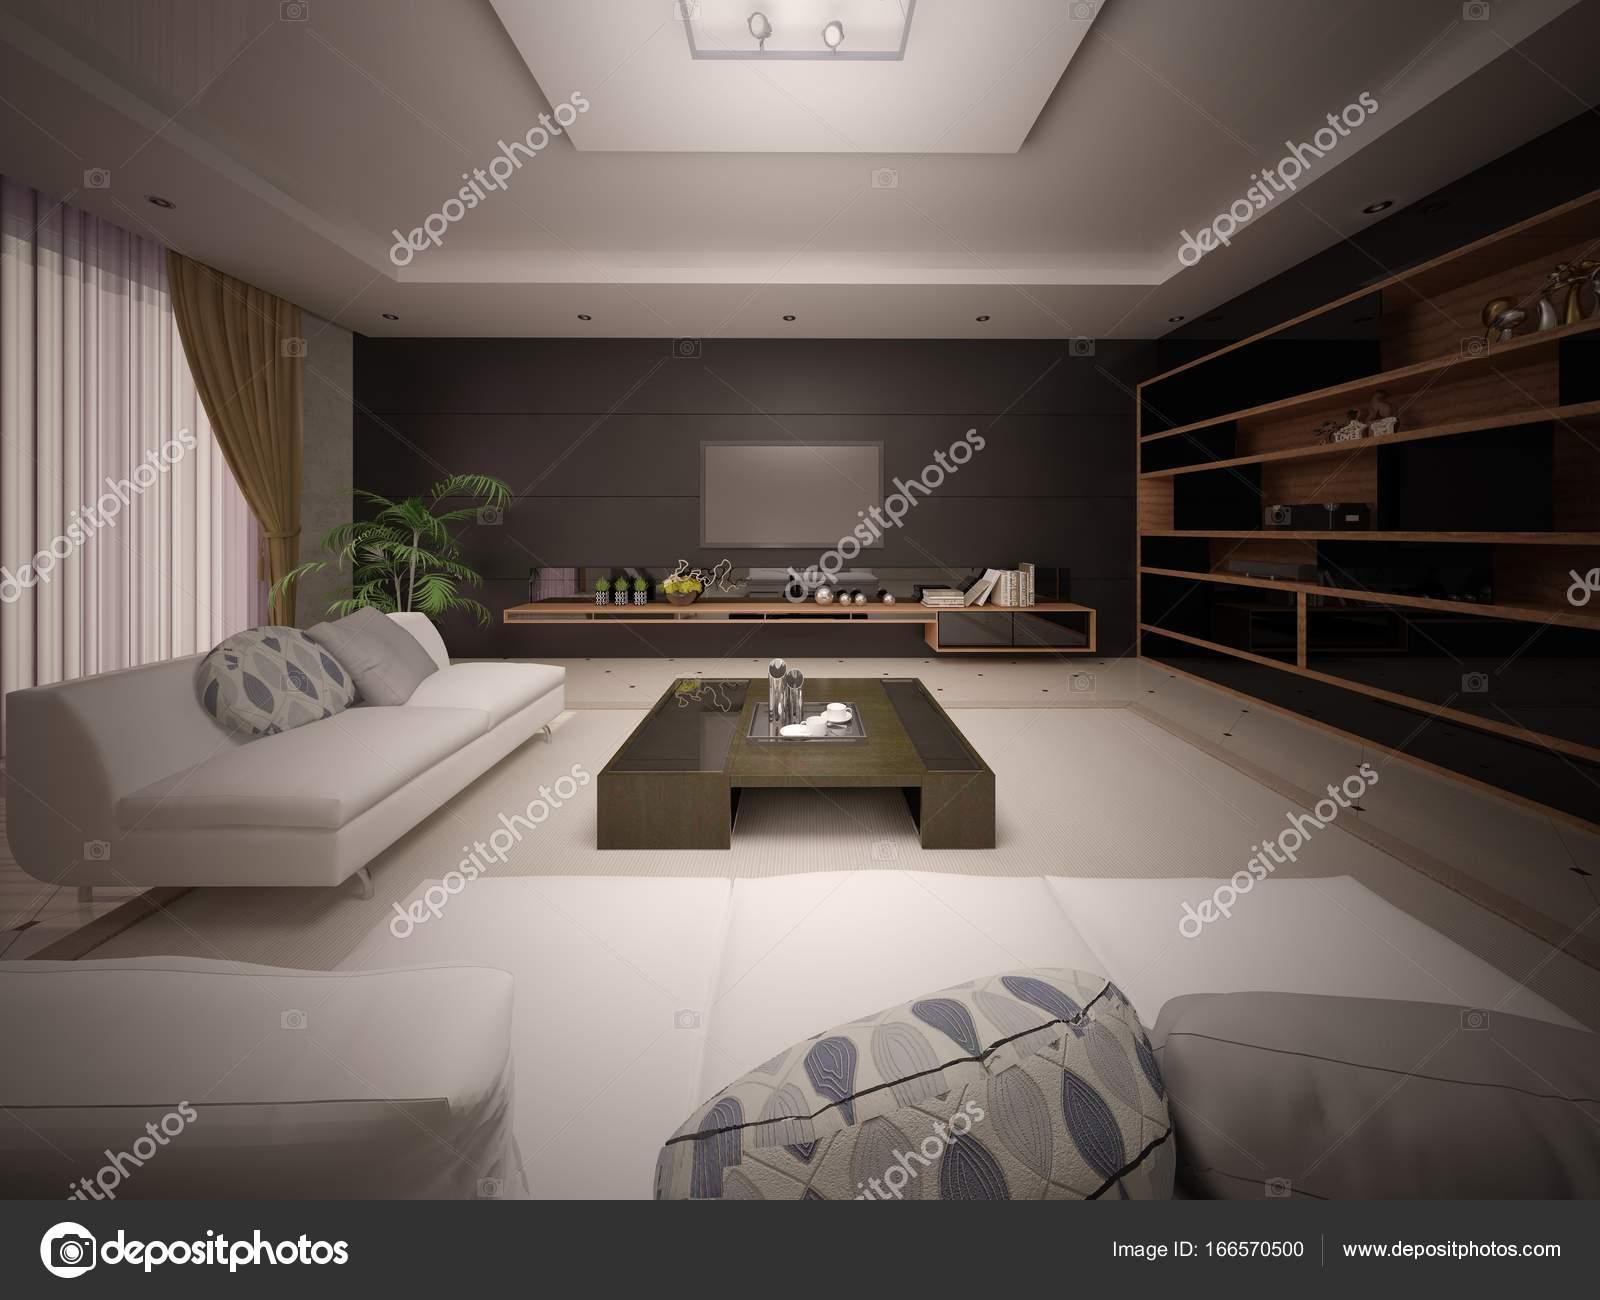 Uberlegen Moderne Modische Wohnzimmer Mit Stilvollen Möbeln Und Dunklem Hintergrund U2014  Foto Von Wodoplyasov